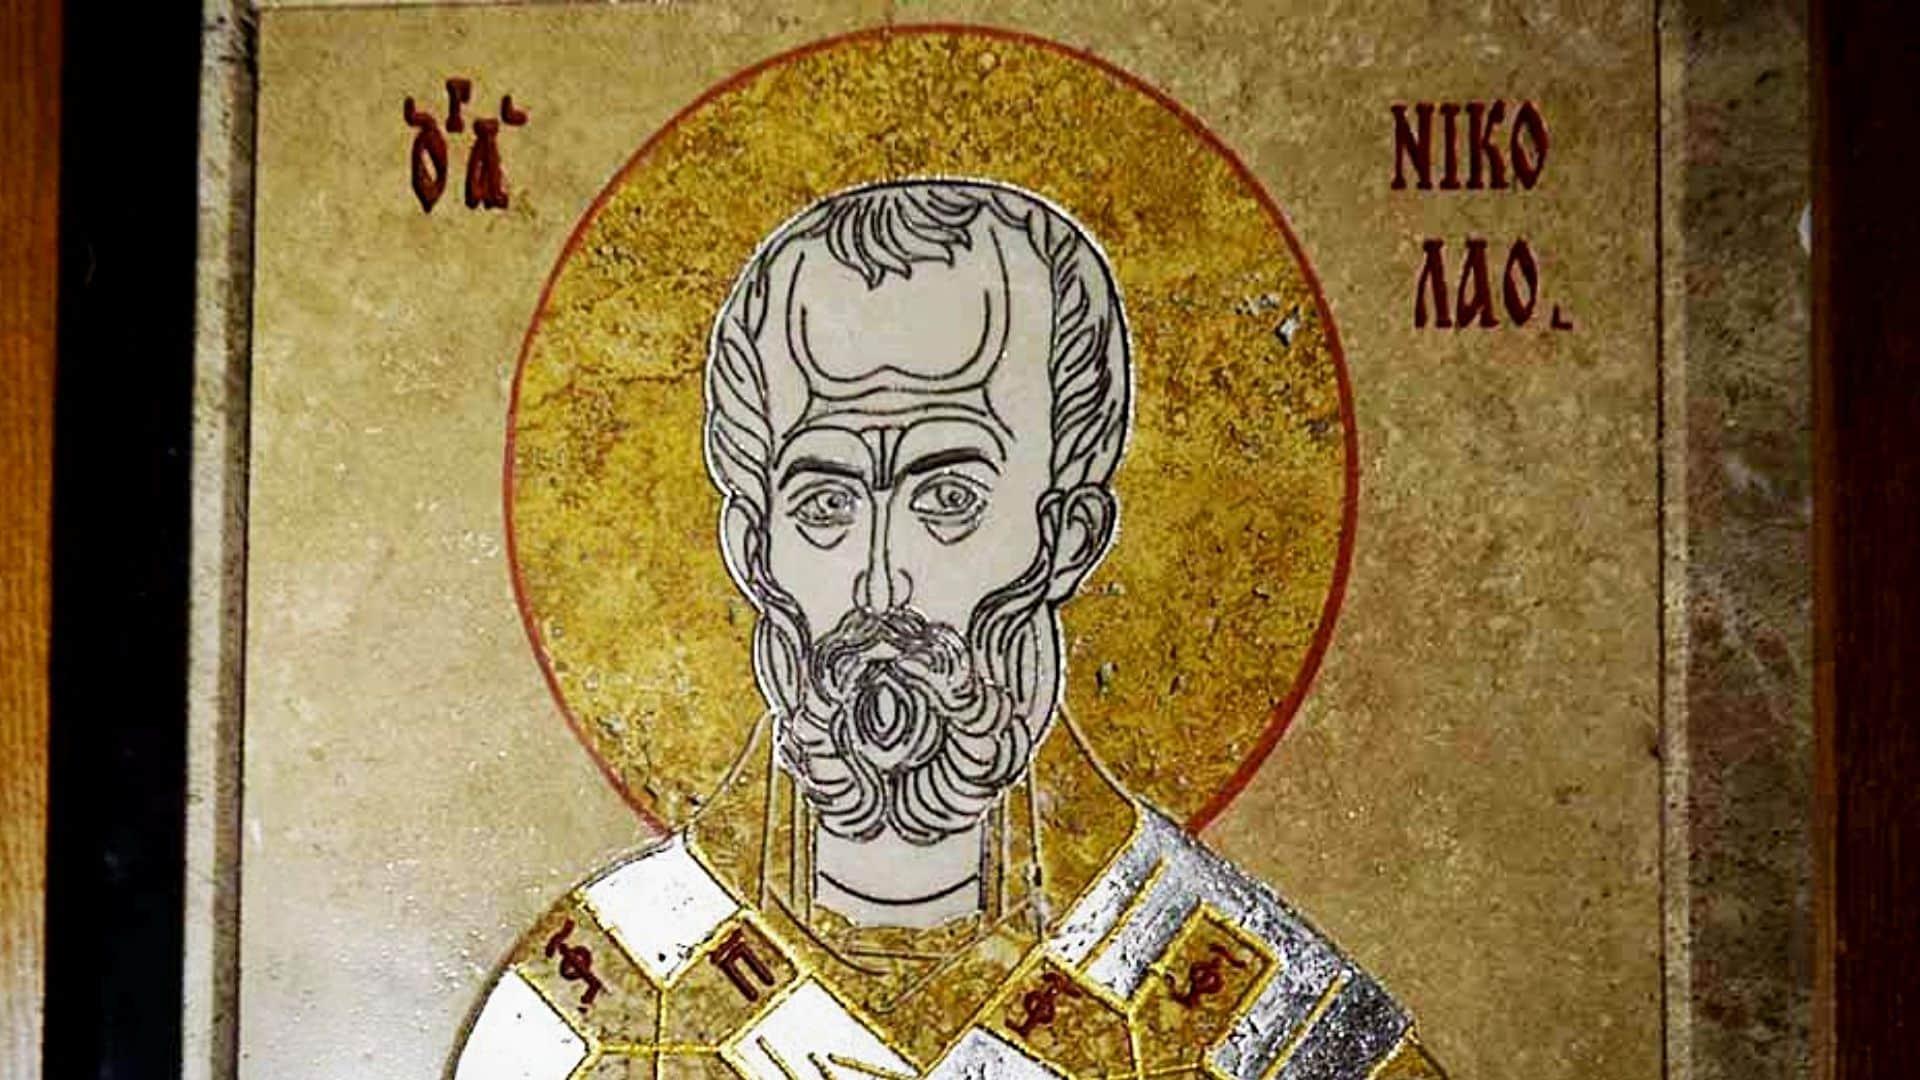 Икона Богородицы В скорбех и Печателех Утешение, фото, изображение, фото, изображение 3